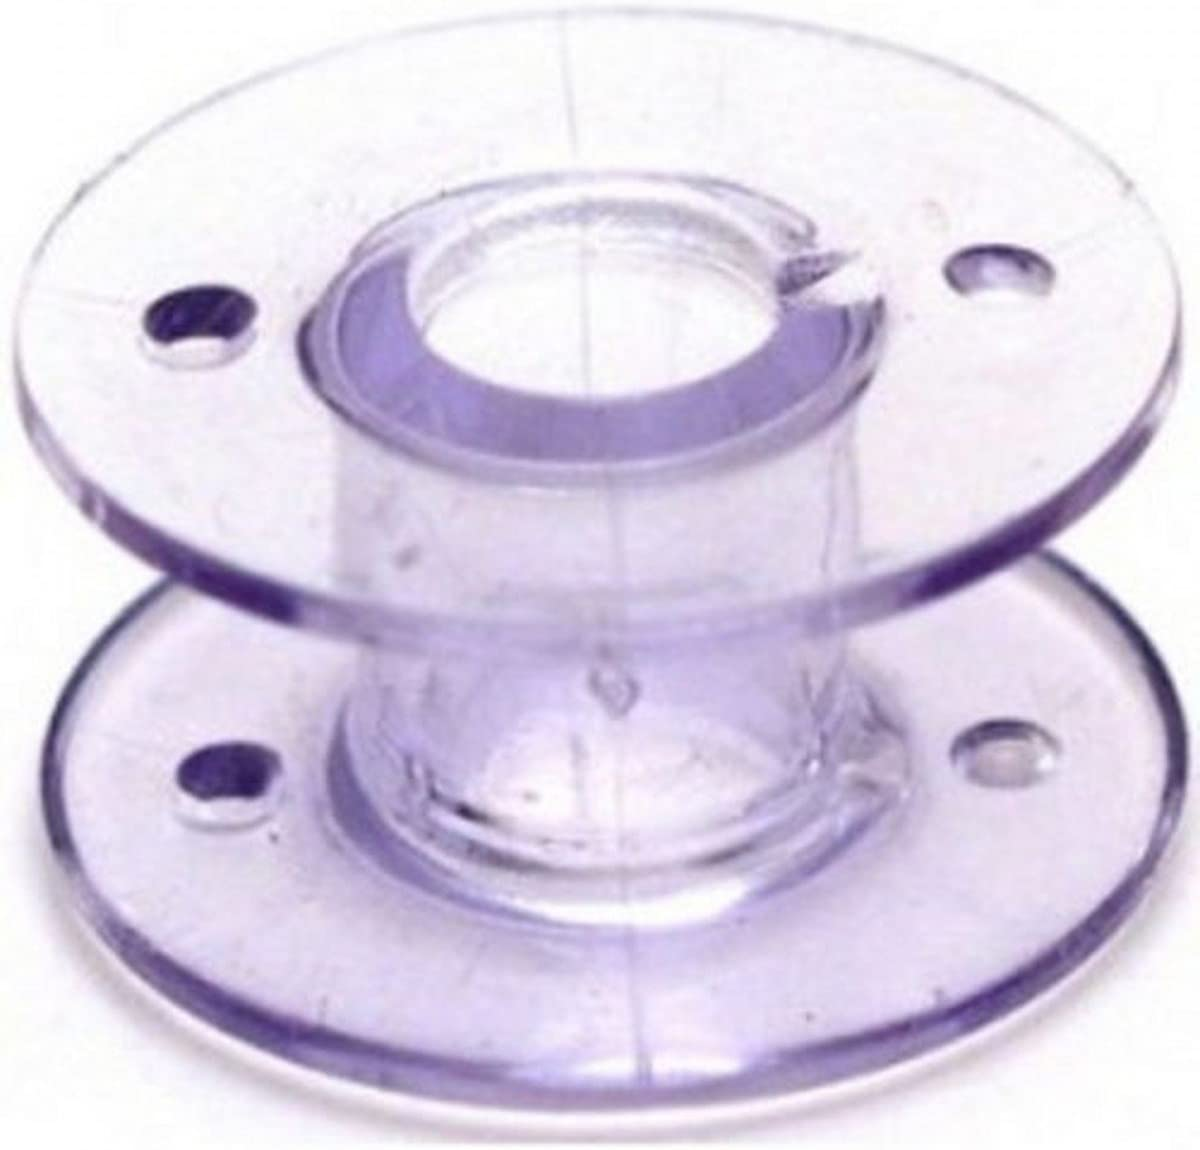 Chengyida 25/pi/èces en plastique bobines pour Singer Classe 15J suppl/émentaire # 85128